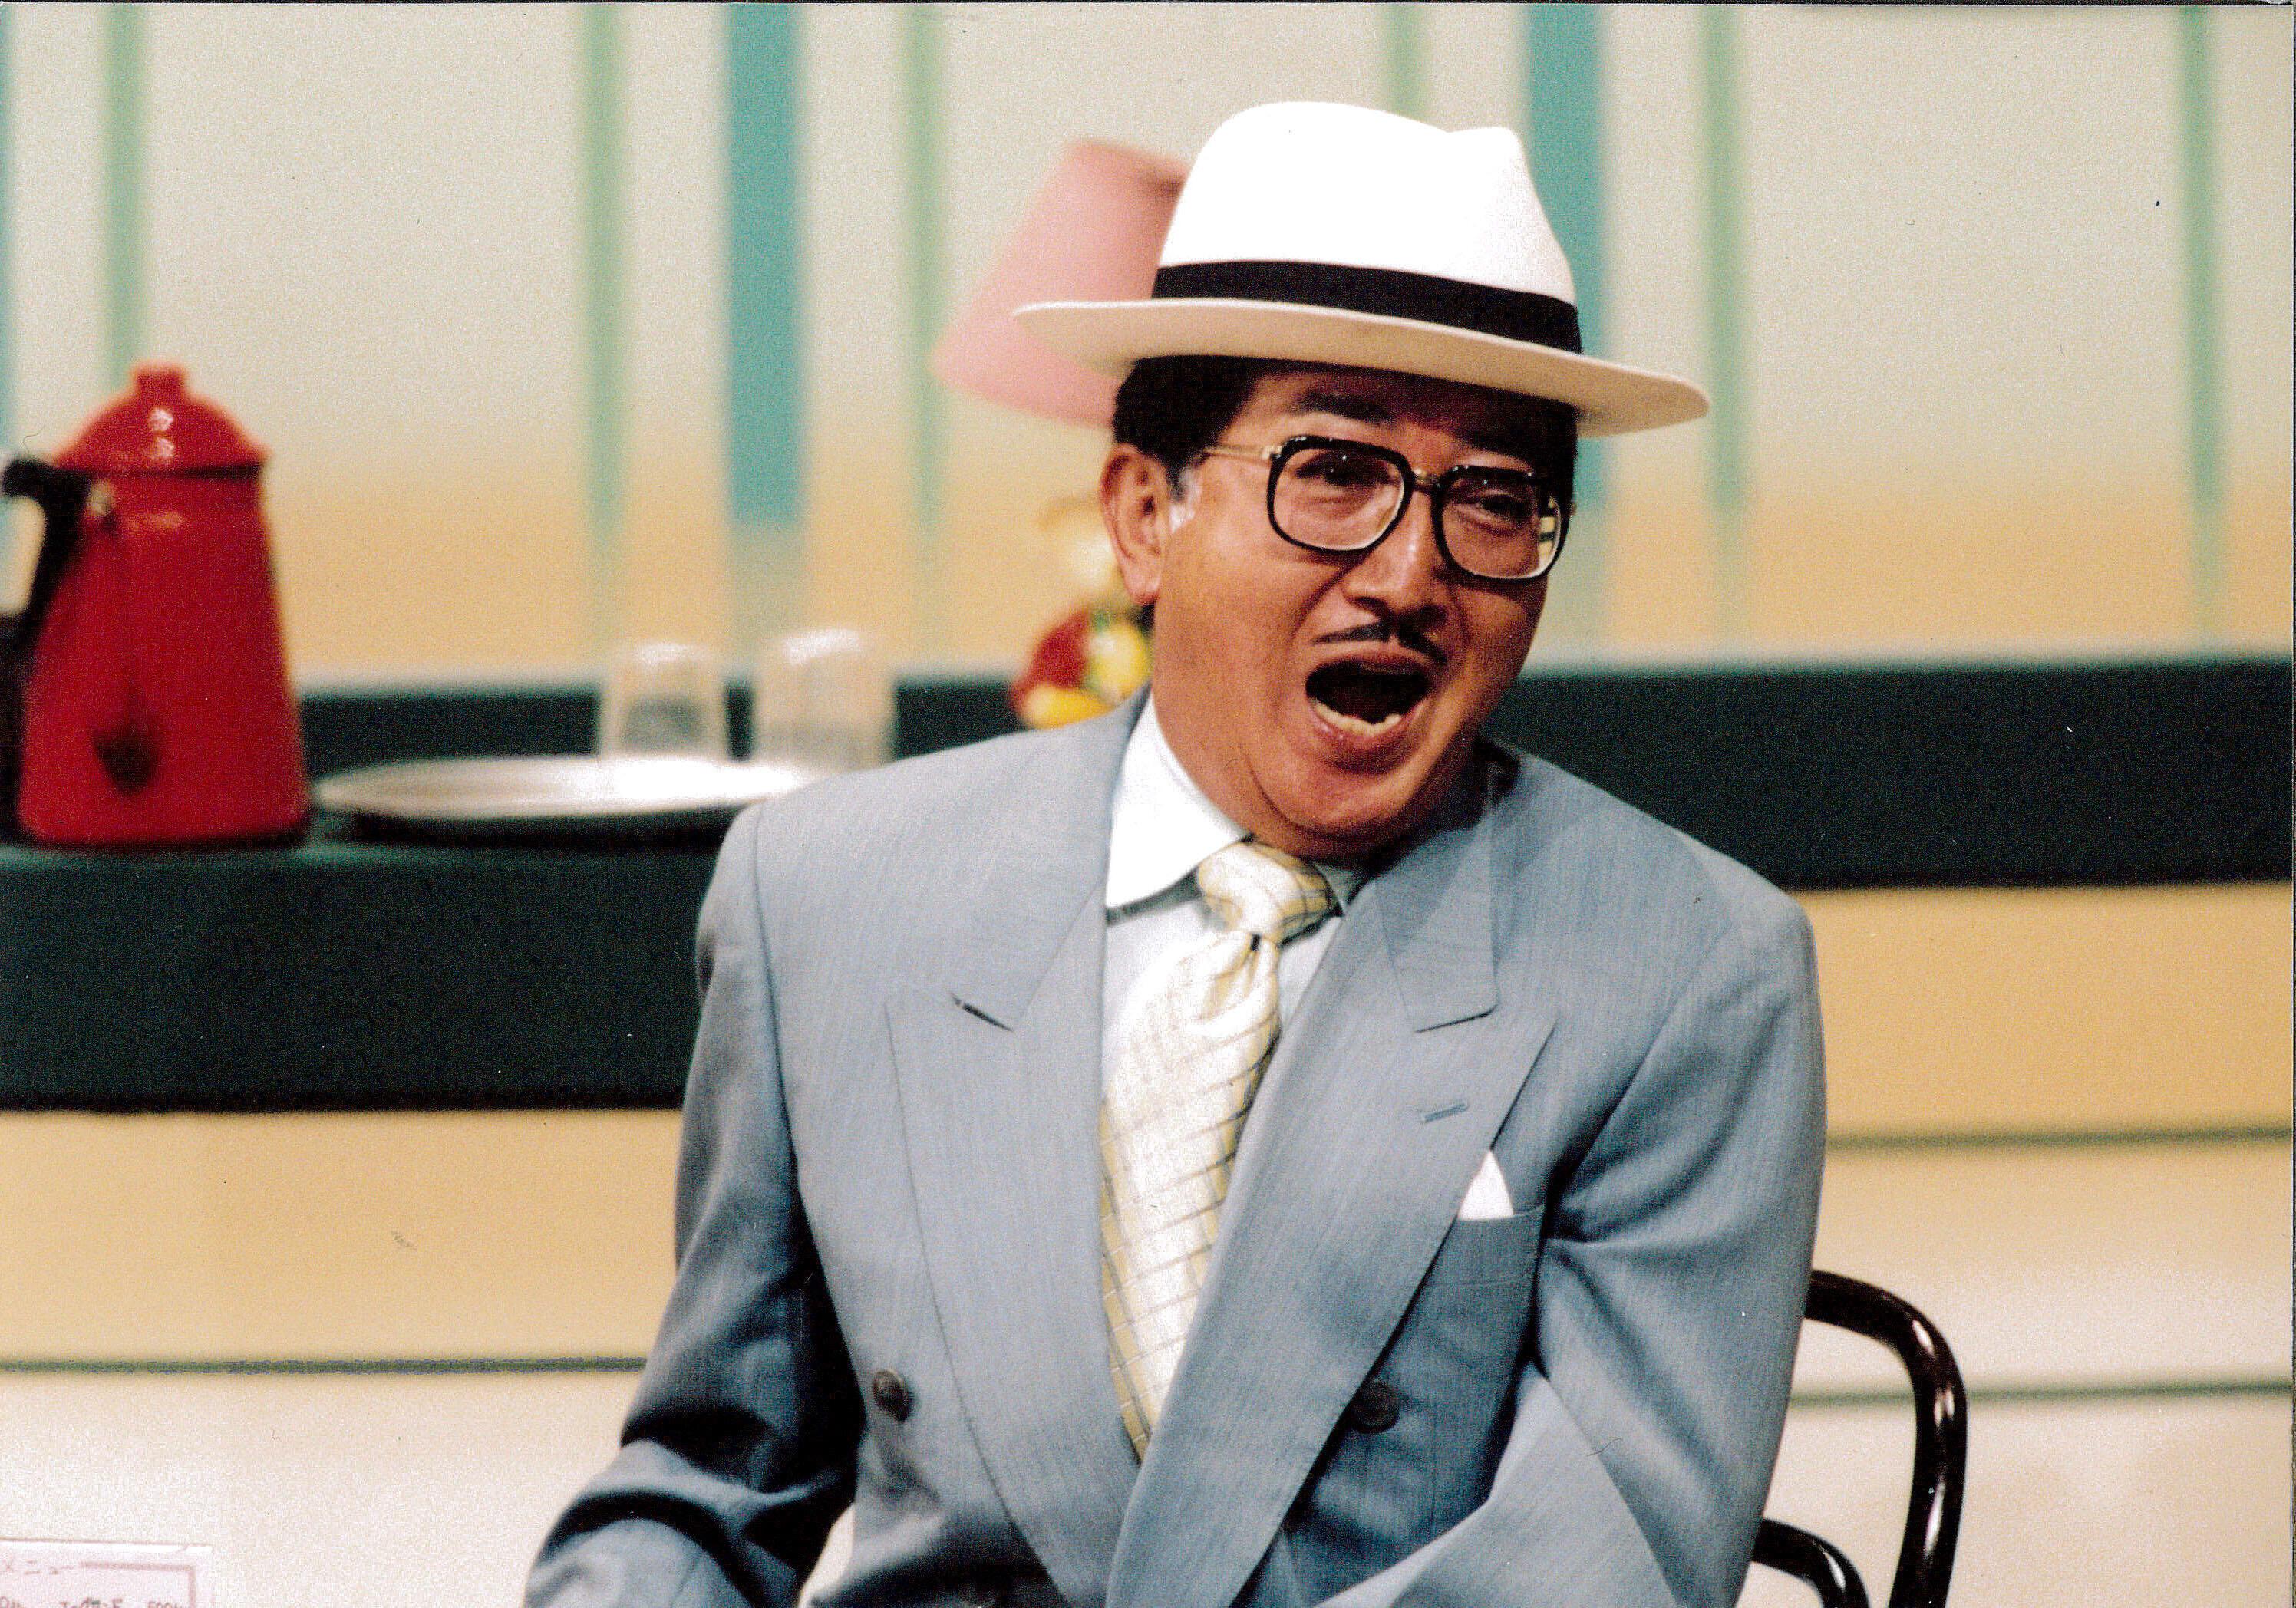 吉本新喜劇出演時のチャーリー浜さん(吉本興業提供)